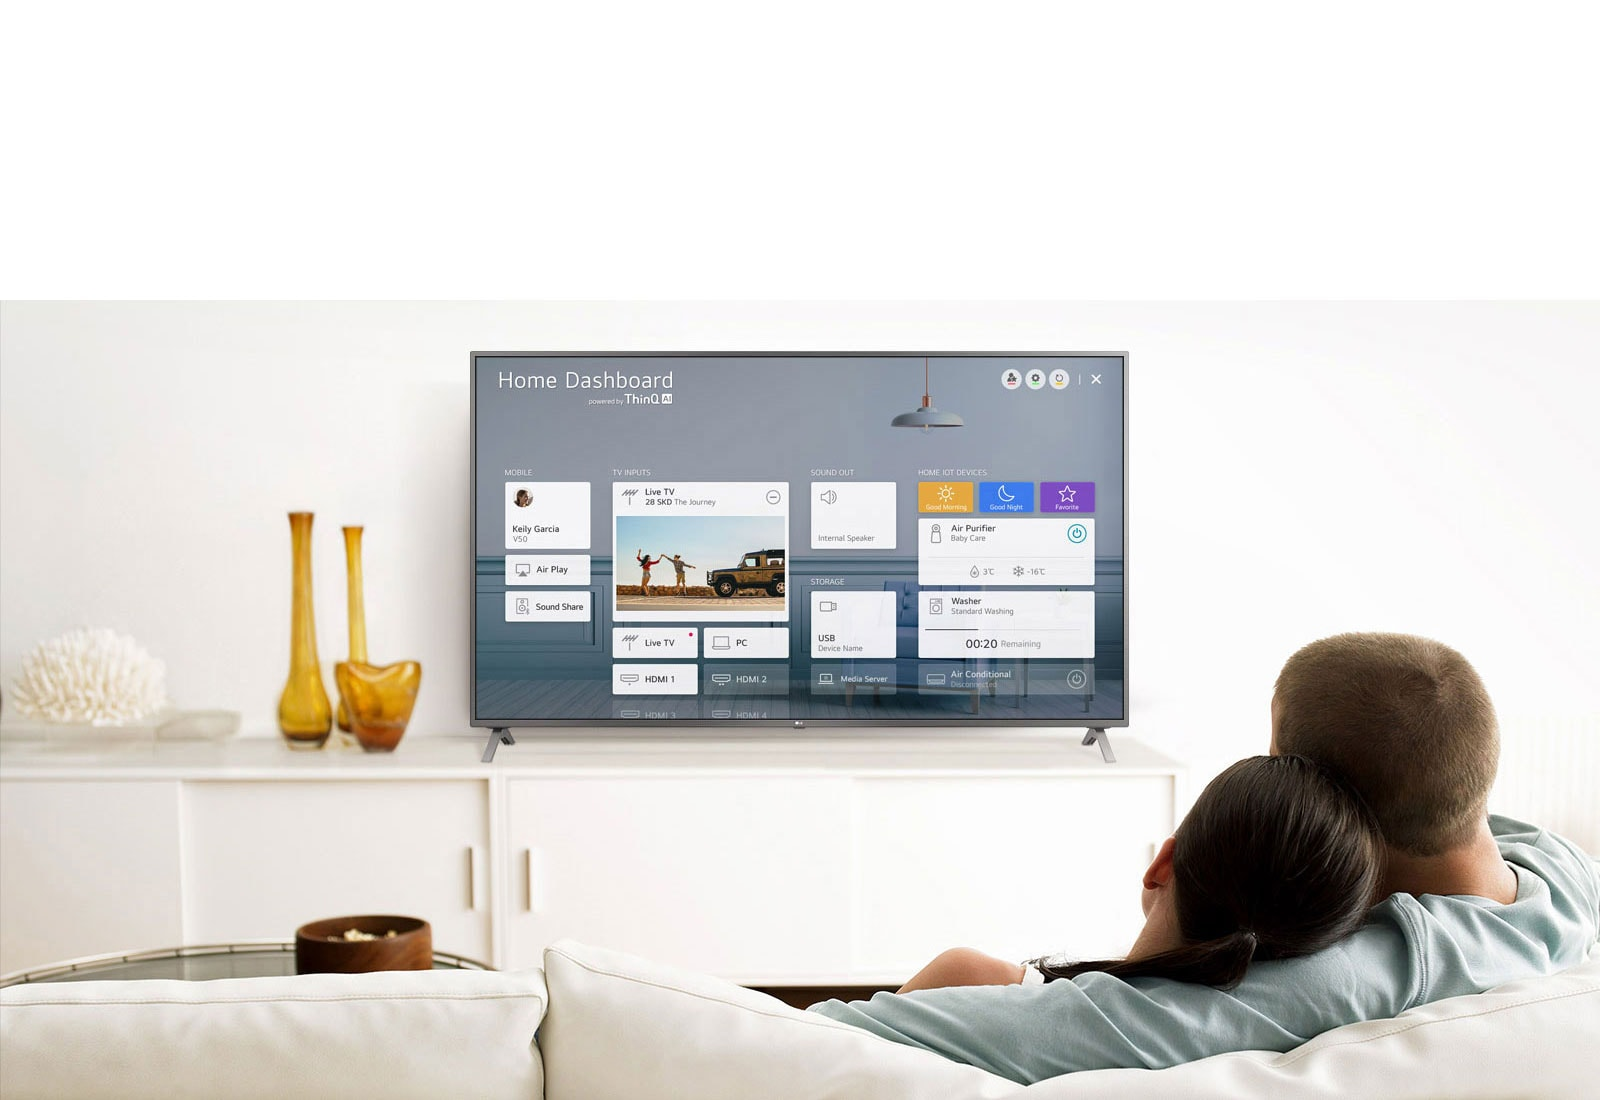 Un homme et une femme assis sur un canapé dans le salon avec le tableau de bord d'accueil sur l'écran du téléviseur.